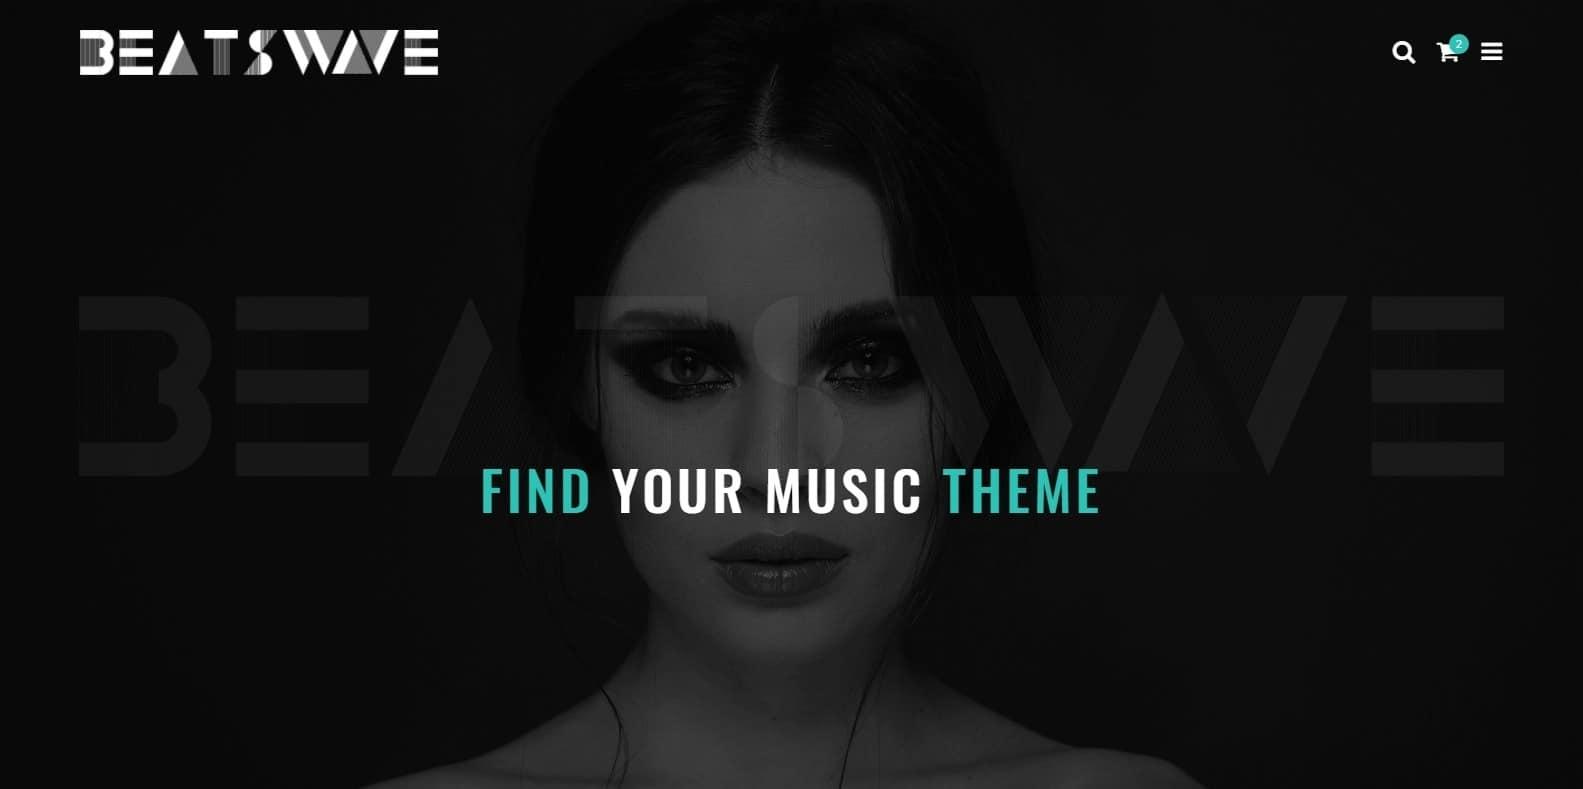 beatswave-dj-website-template